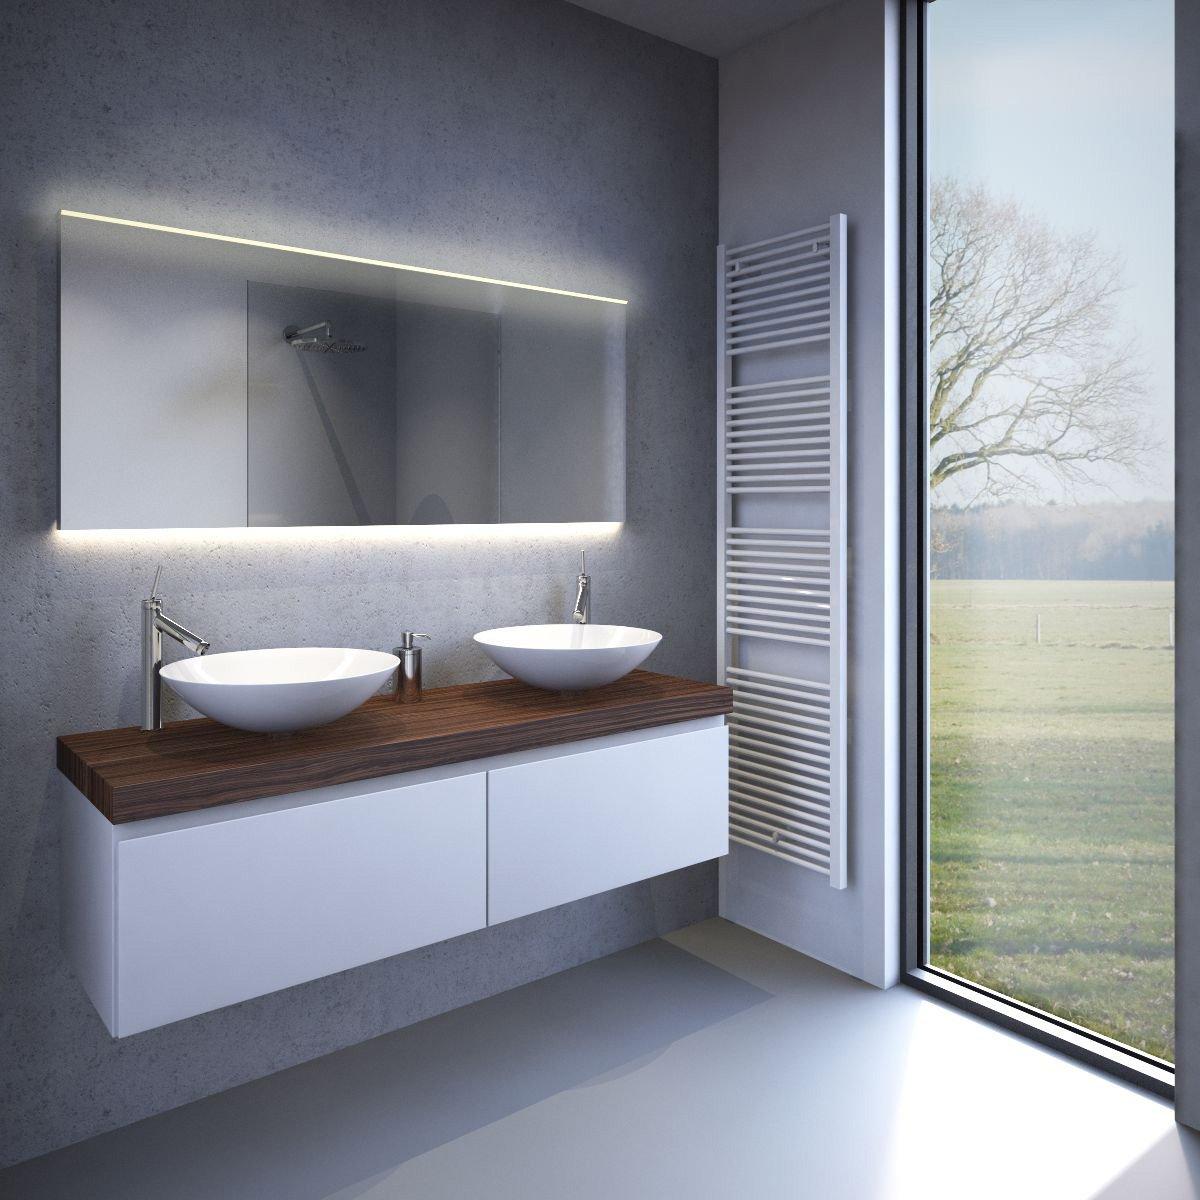 moderne 160 cm brede badkamer spiegel met praktische verlichting bovenin wastafelverlichting en. Black Bedroom Furniture Sets. Home Design Ideas